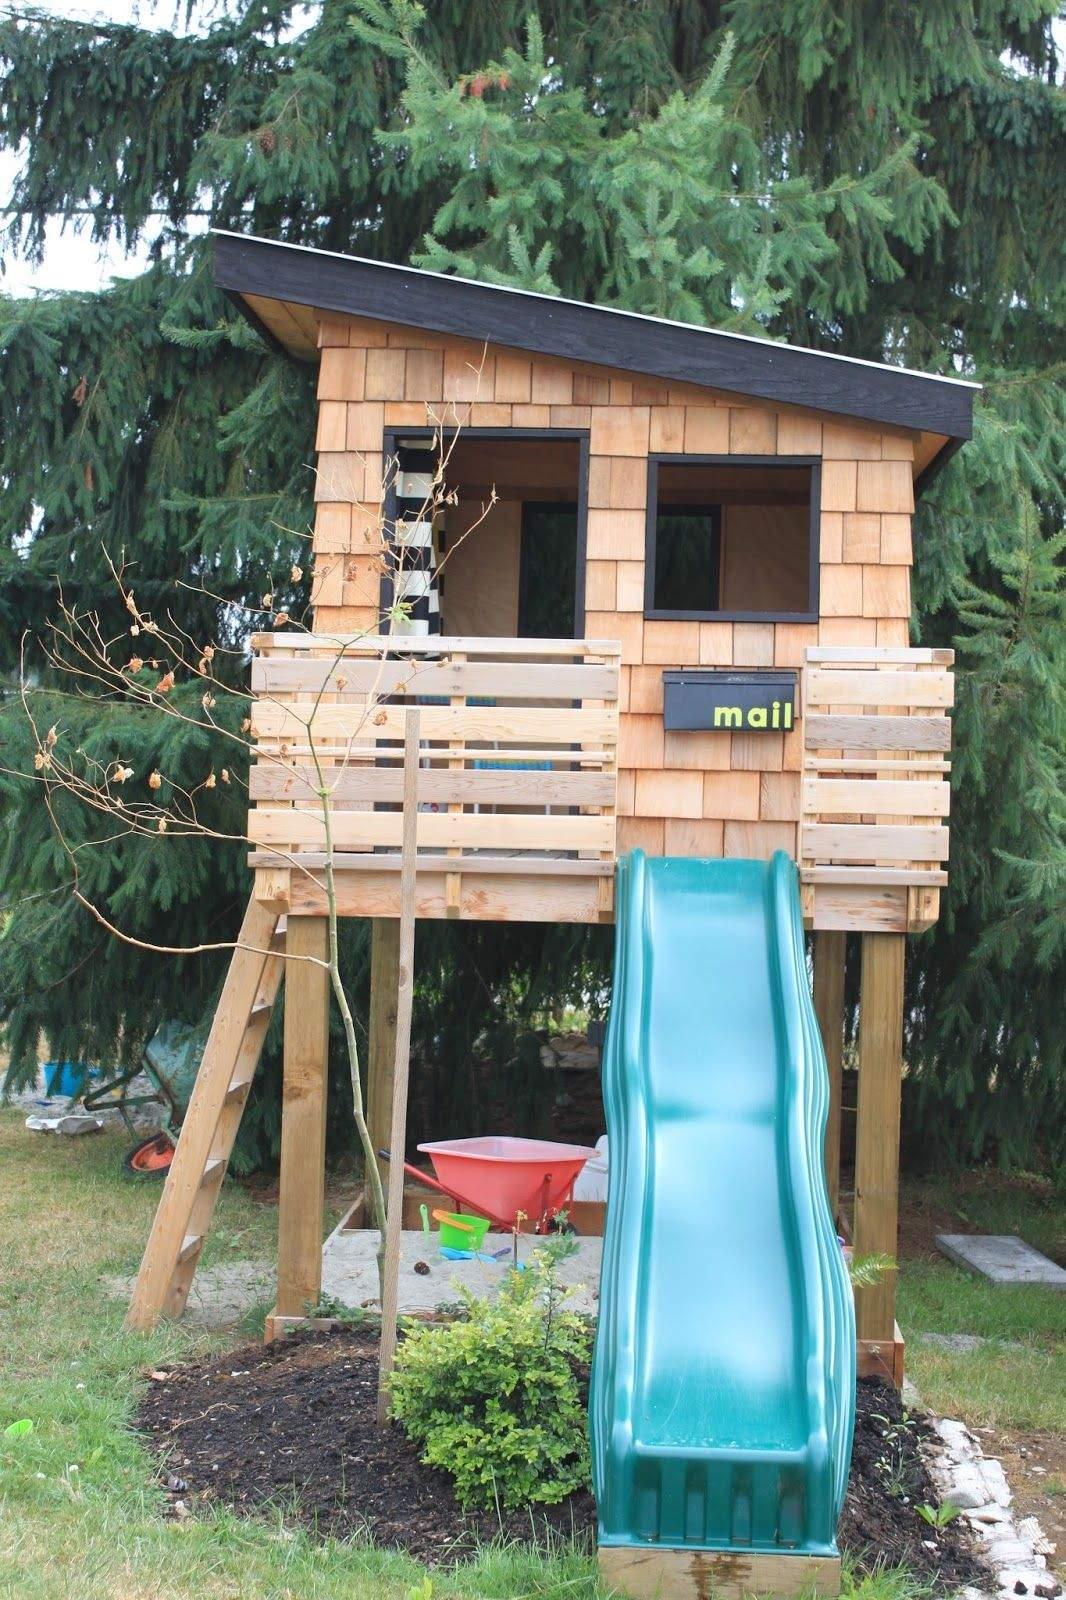 Spielhaus Garten Holz Das Beste Von 15 Pimped Out Playhouses Your Kids Need In the Backyard